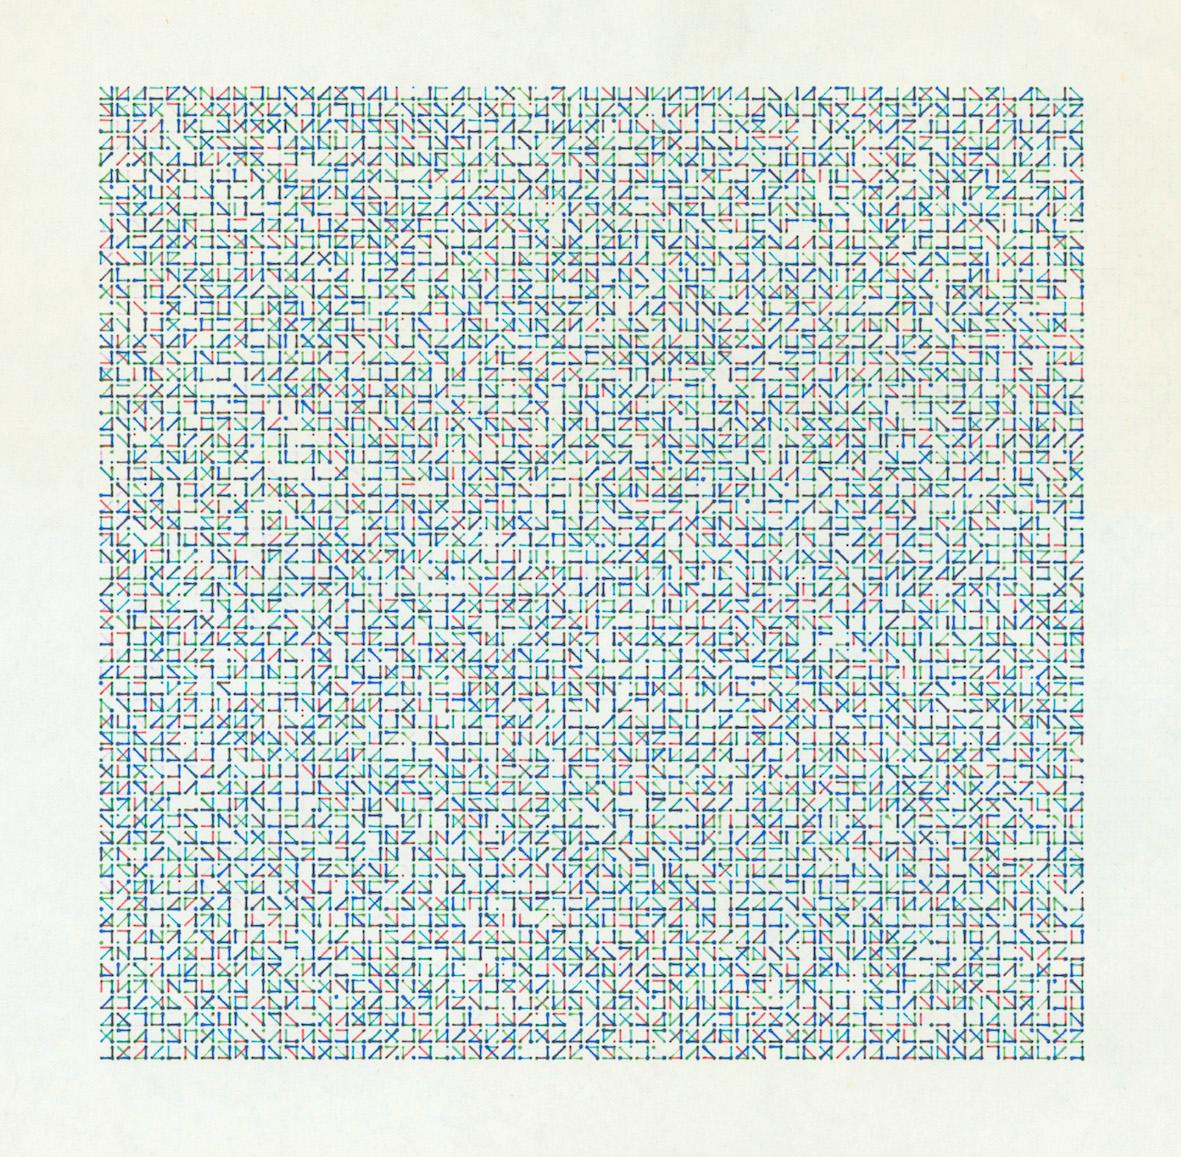 Peter Beyls, HP01a, Plotterzeichnung, Tinte auf Papier, 24 × 23,5 cm, 1981